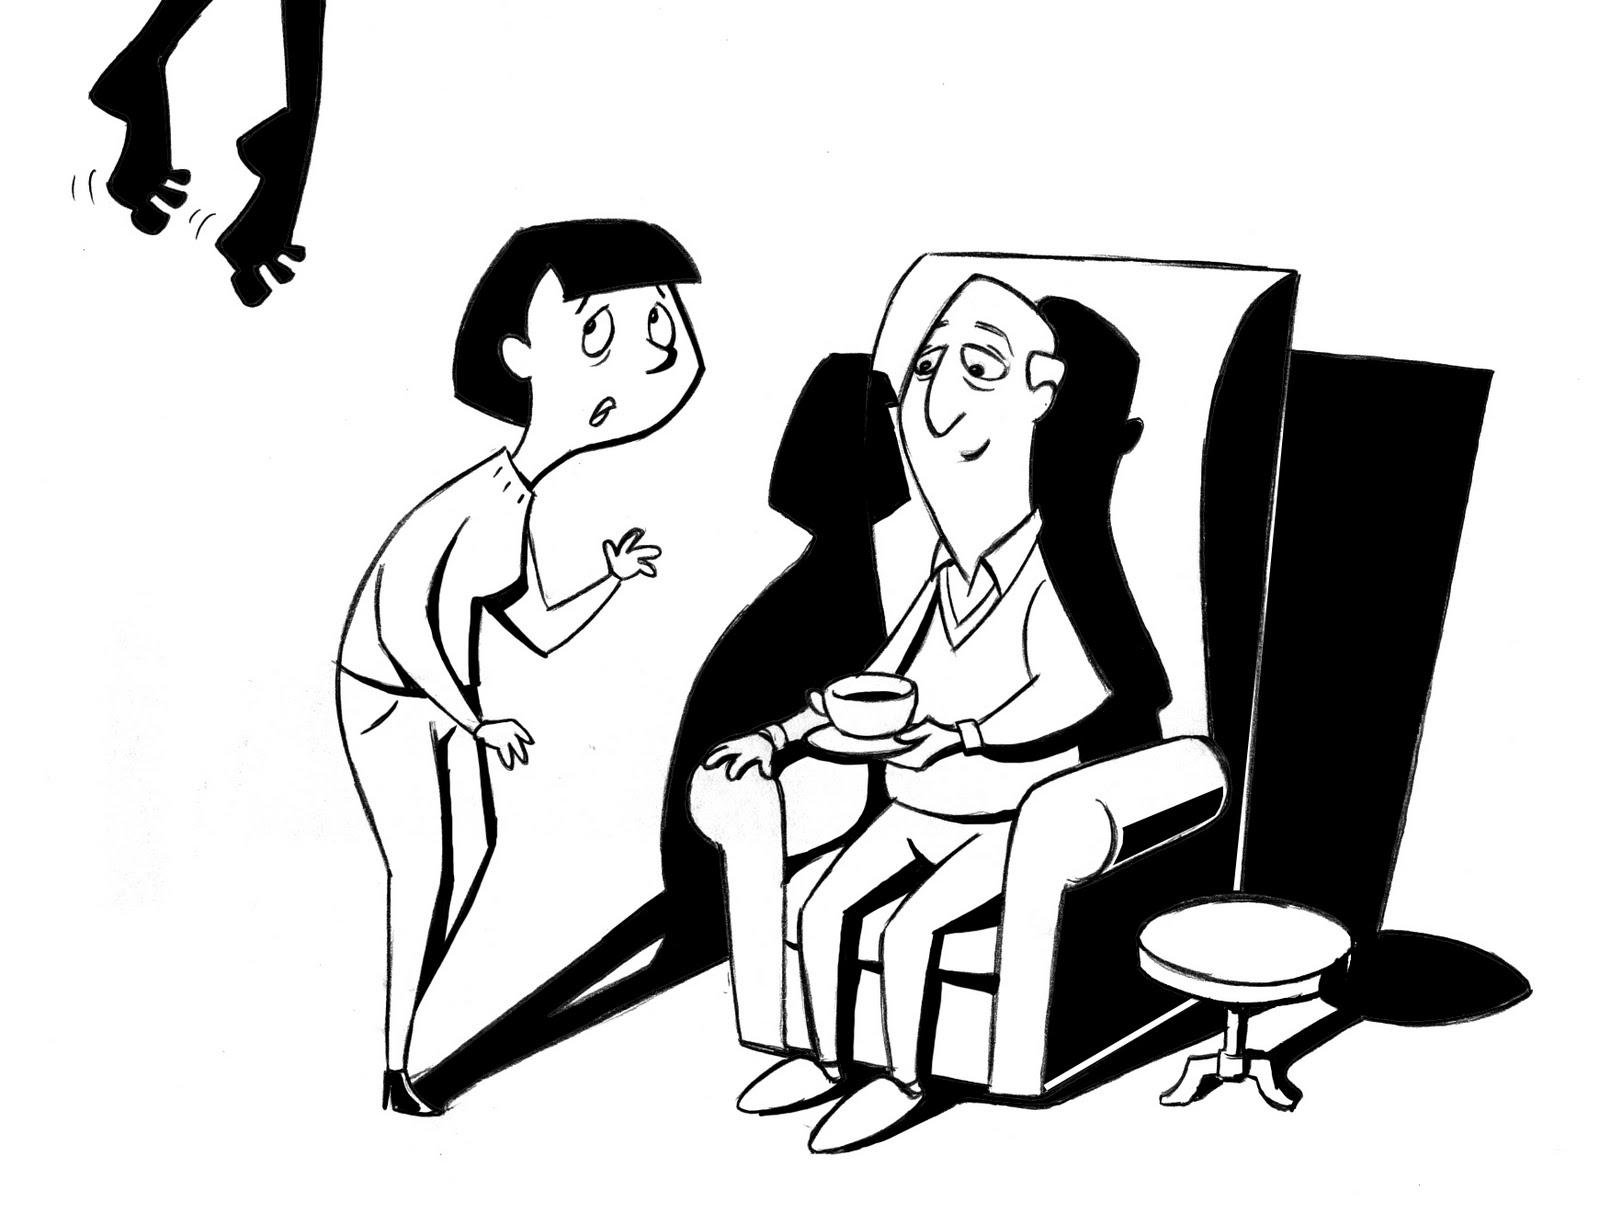 jeroen jaspaert animation